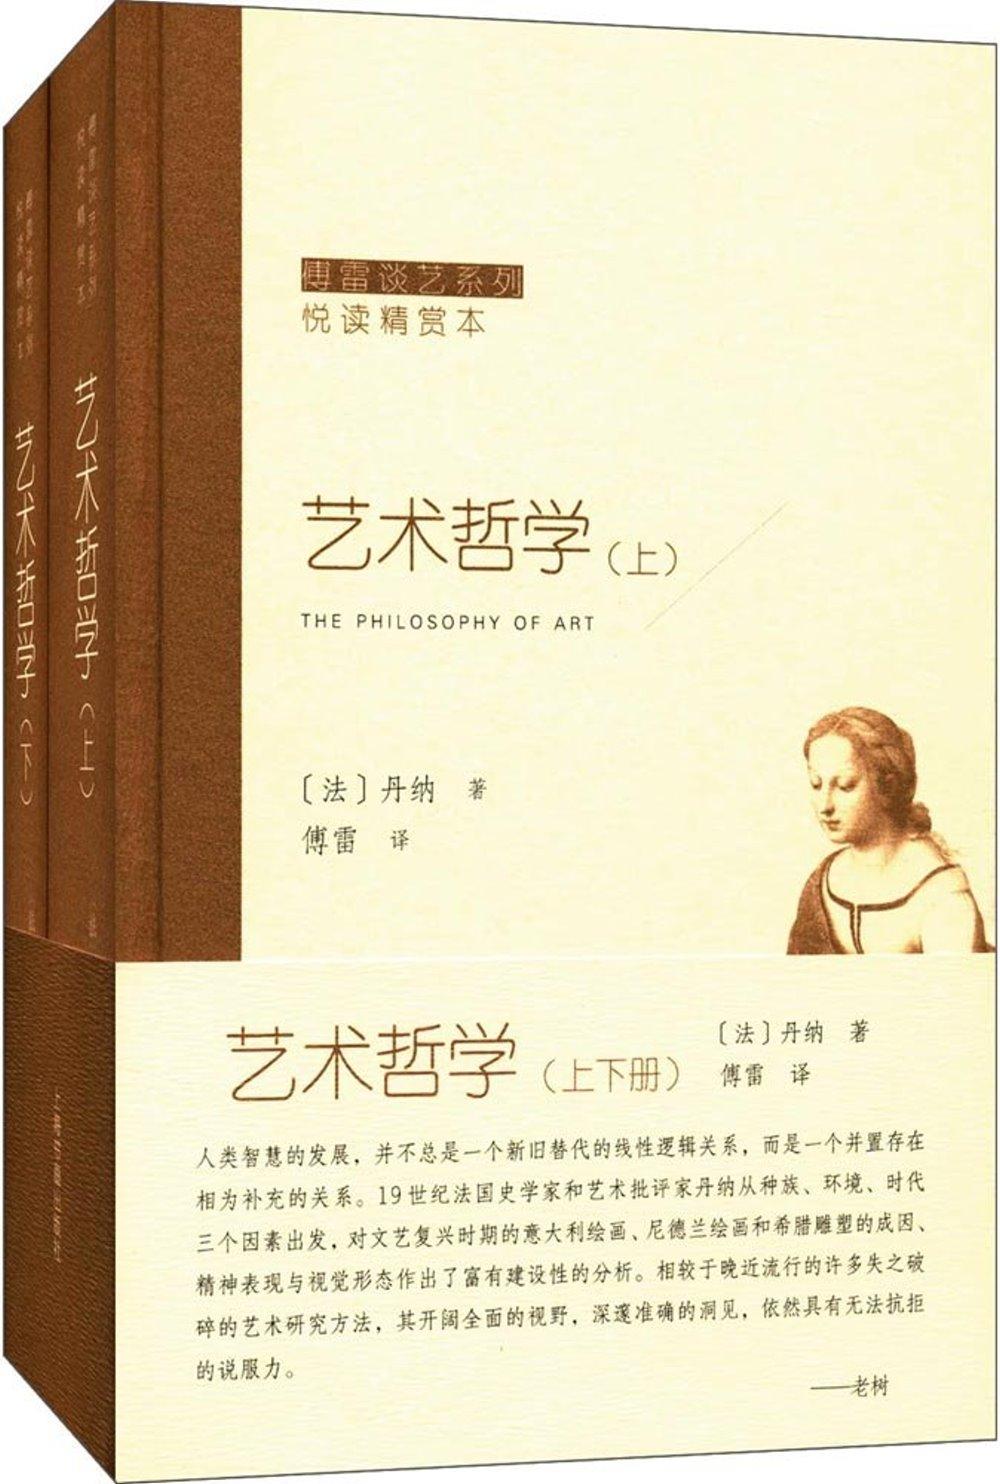 藝術哲學(全兩冊)